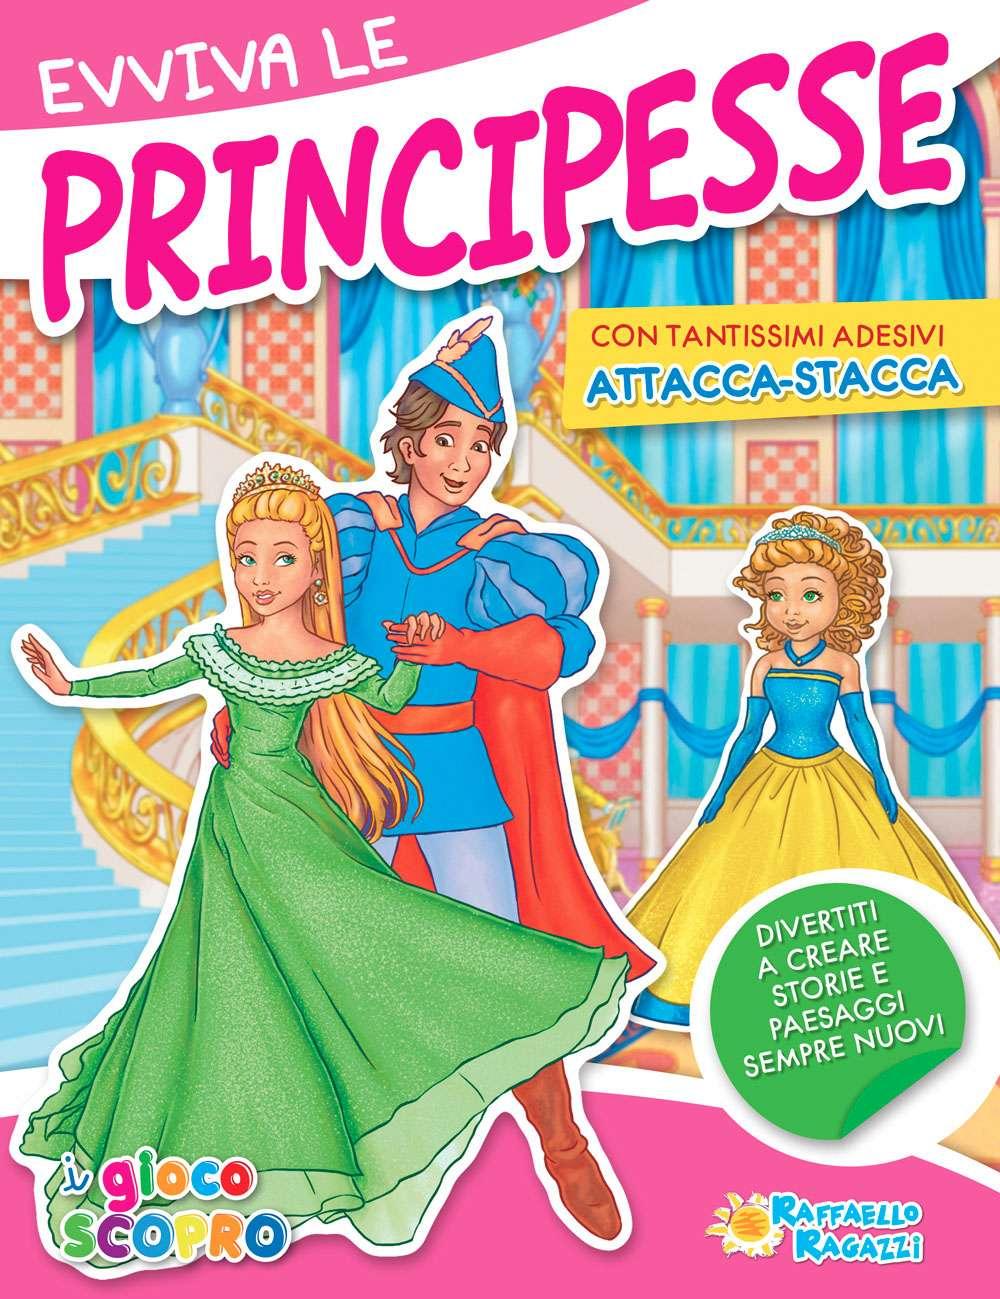 Evviva le principesse